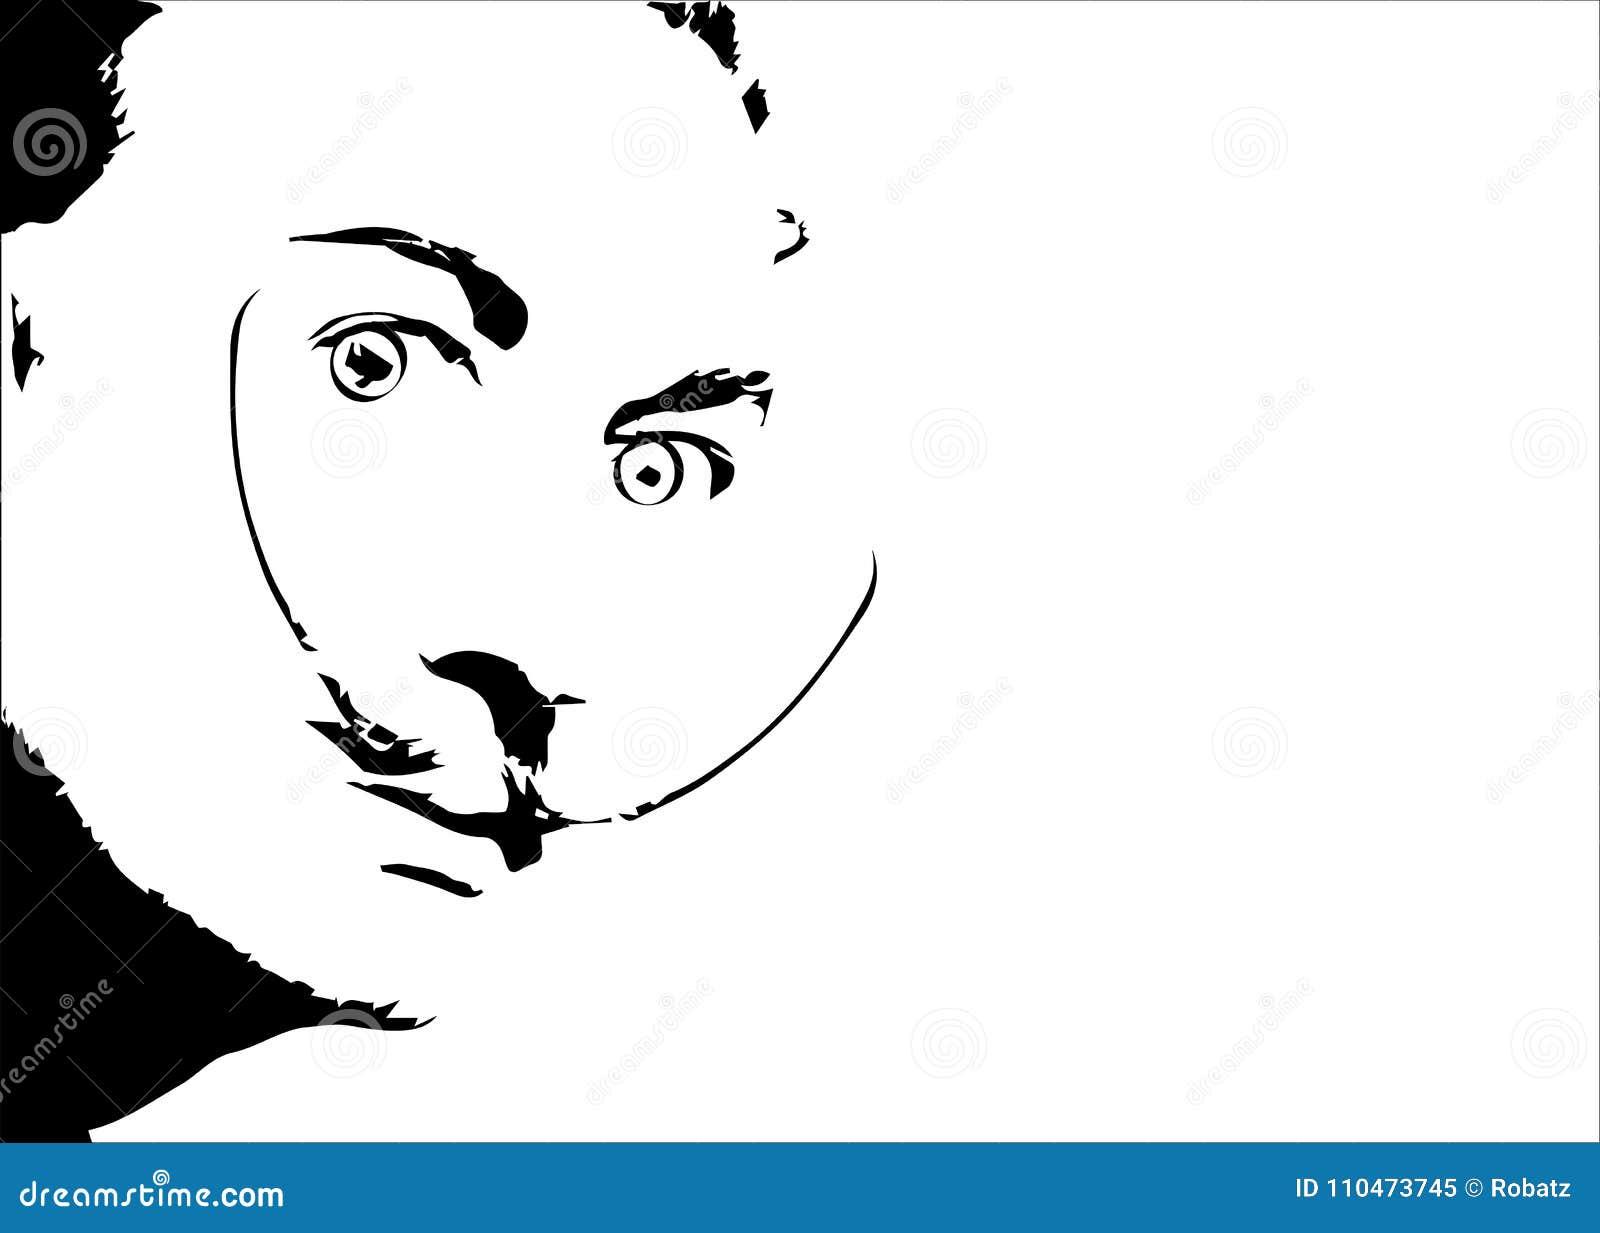 Διανυσματικό πορτρέτο του Salvador Dali `, ελάχιστη γραφική παράσταση που απομονώνονται ή άσπρο υπόβαθρο